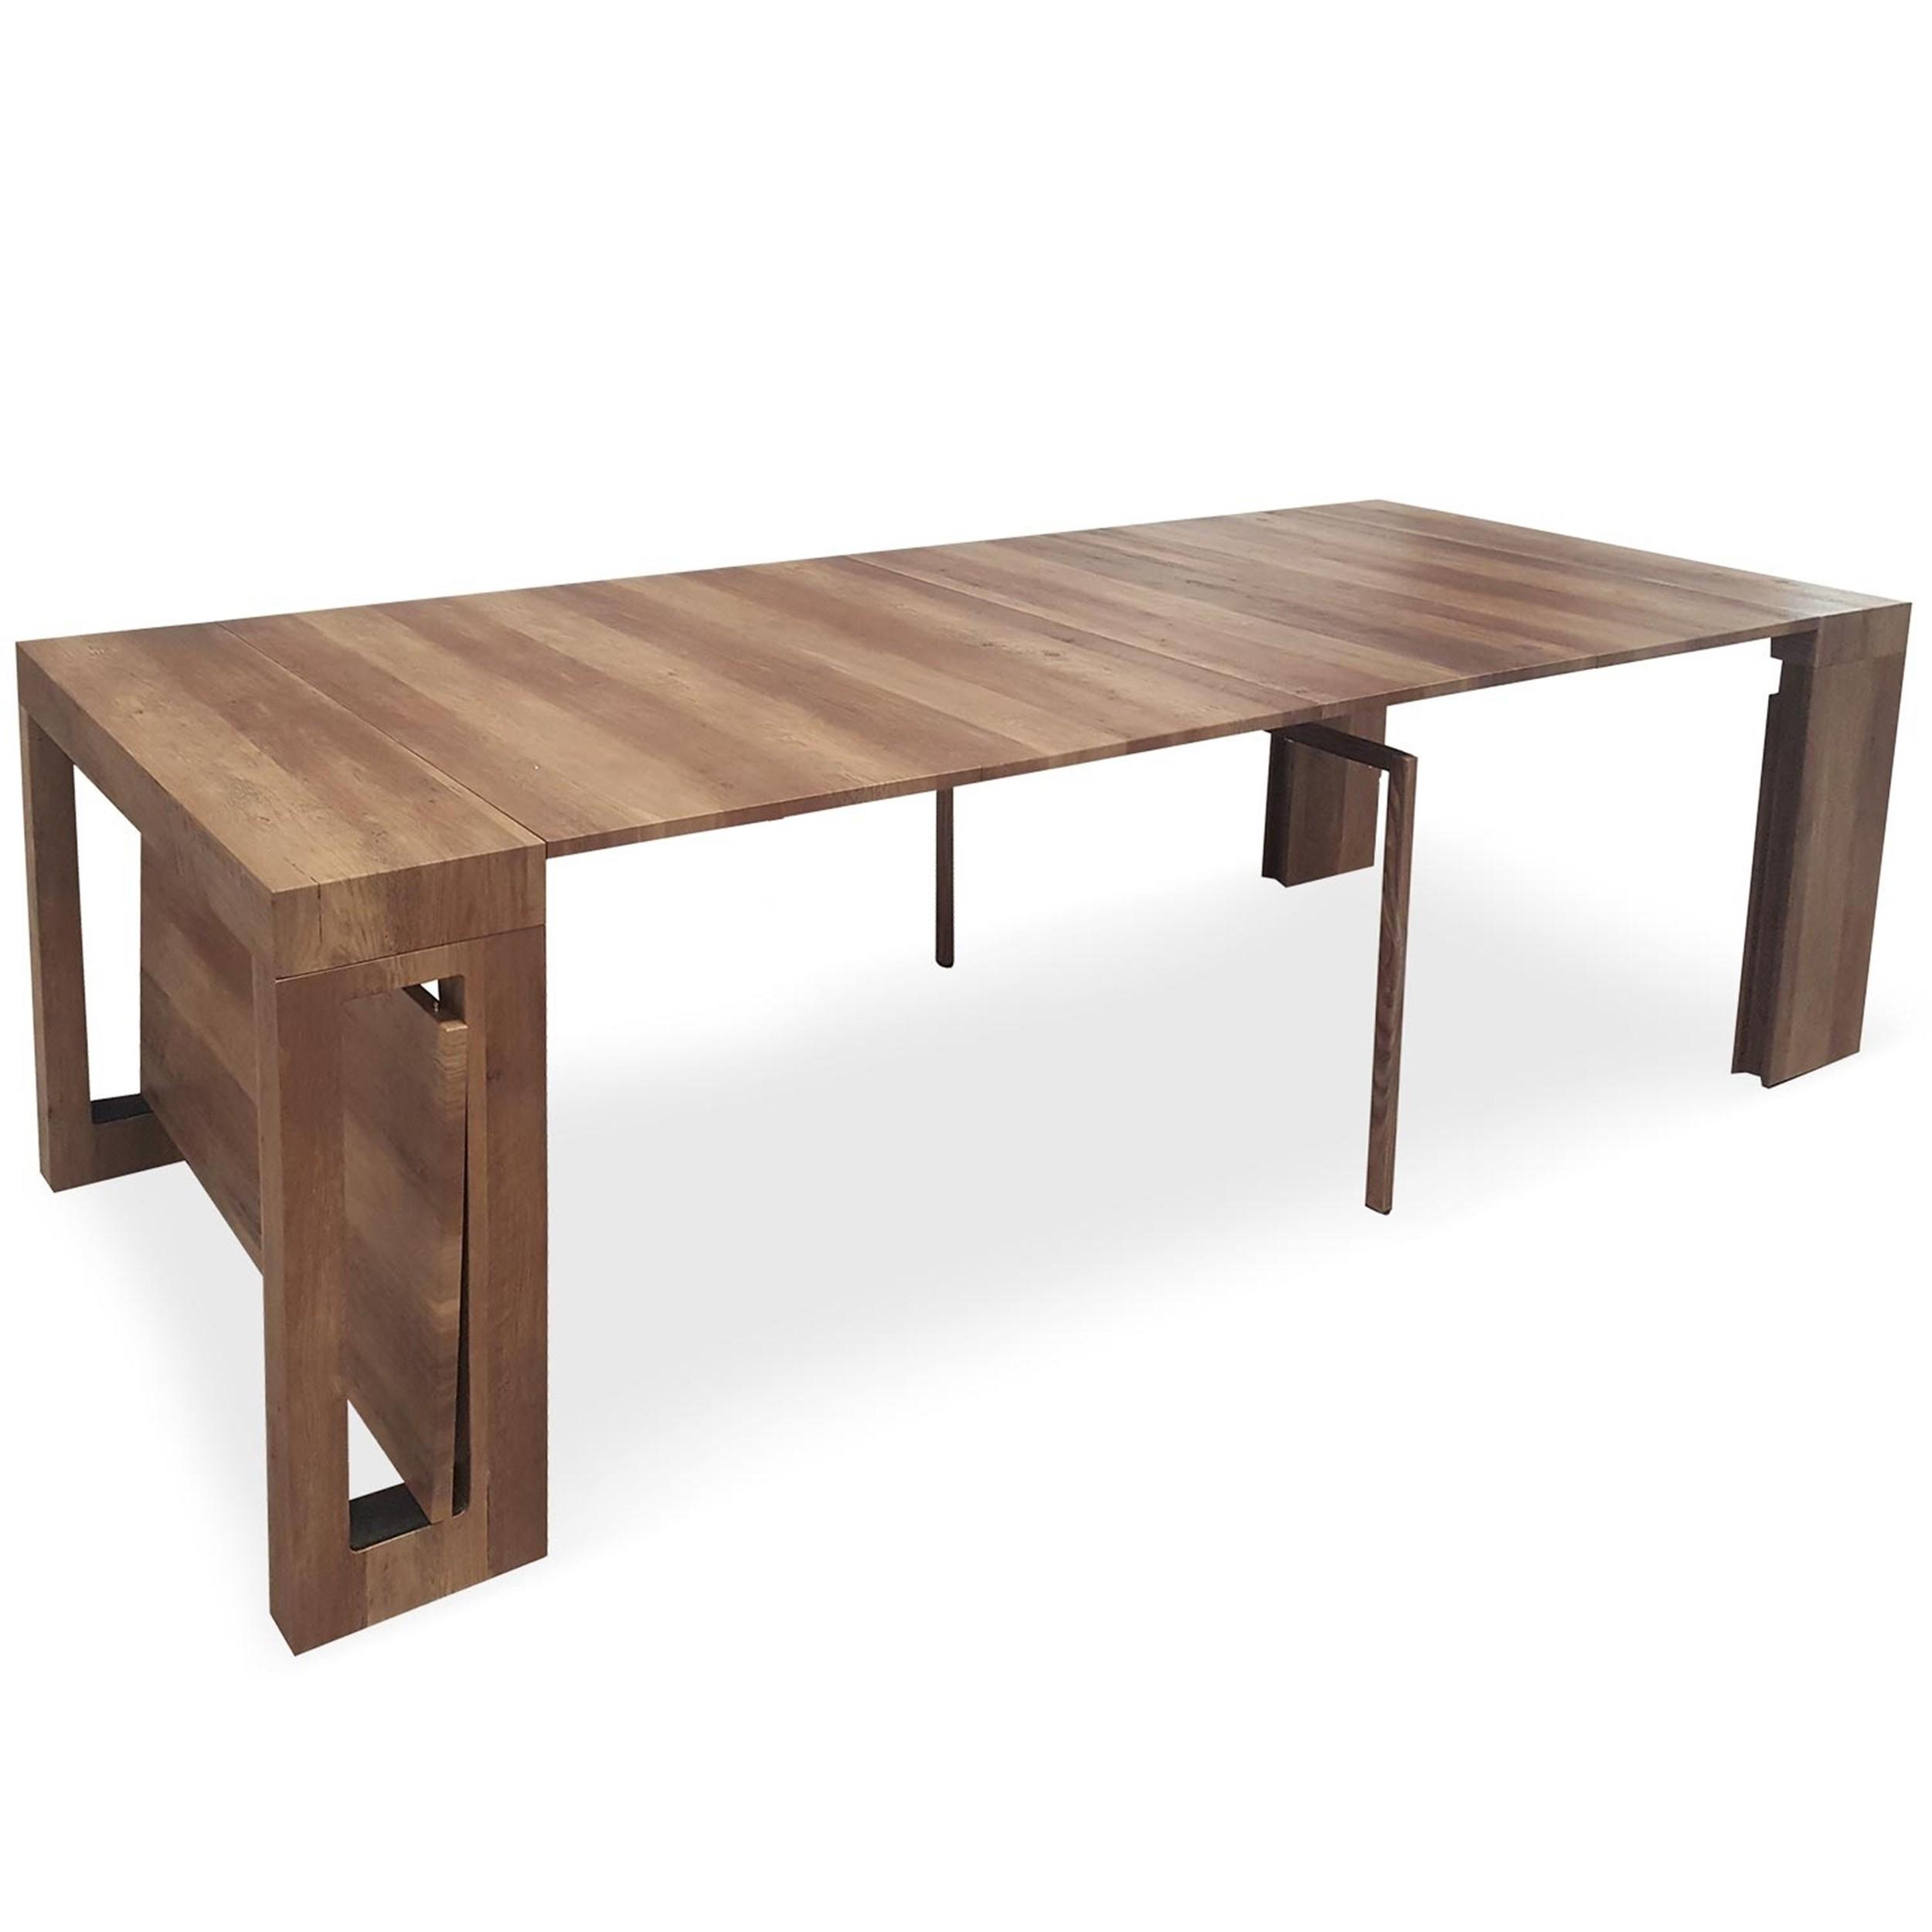 Table console extensible : pourquoi se décider pour cette table ?